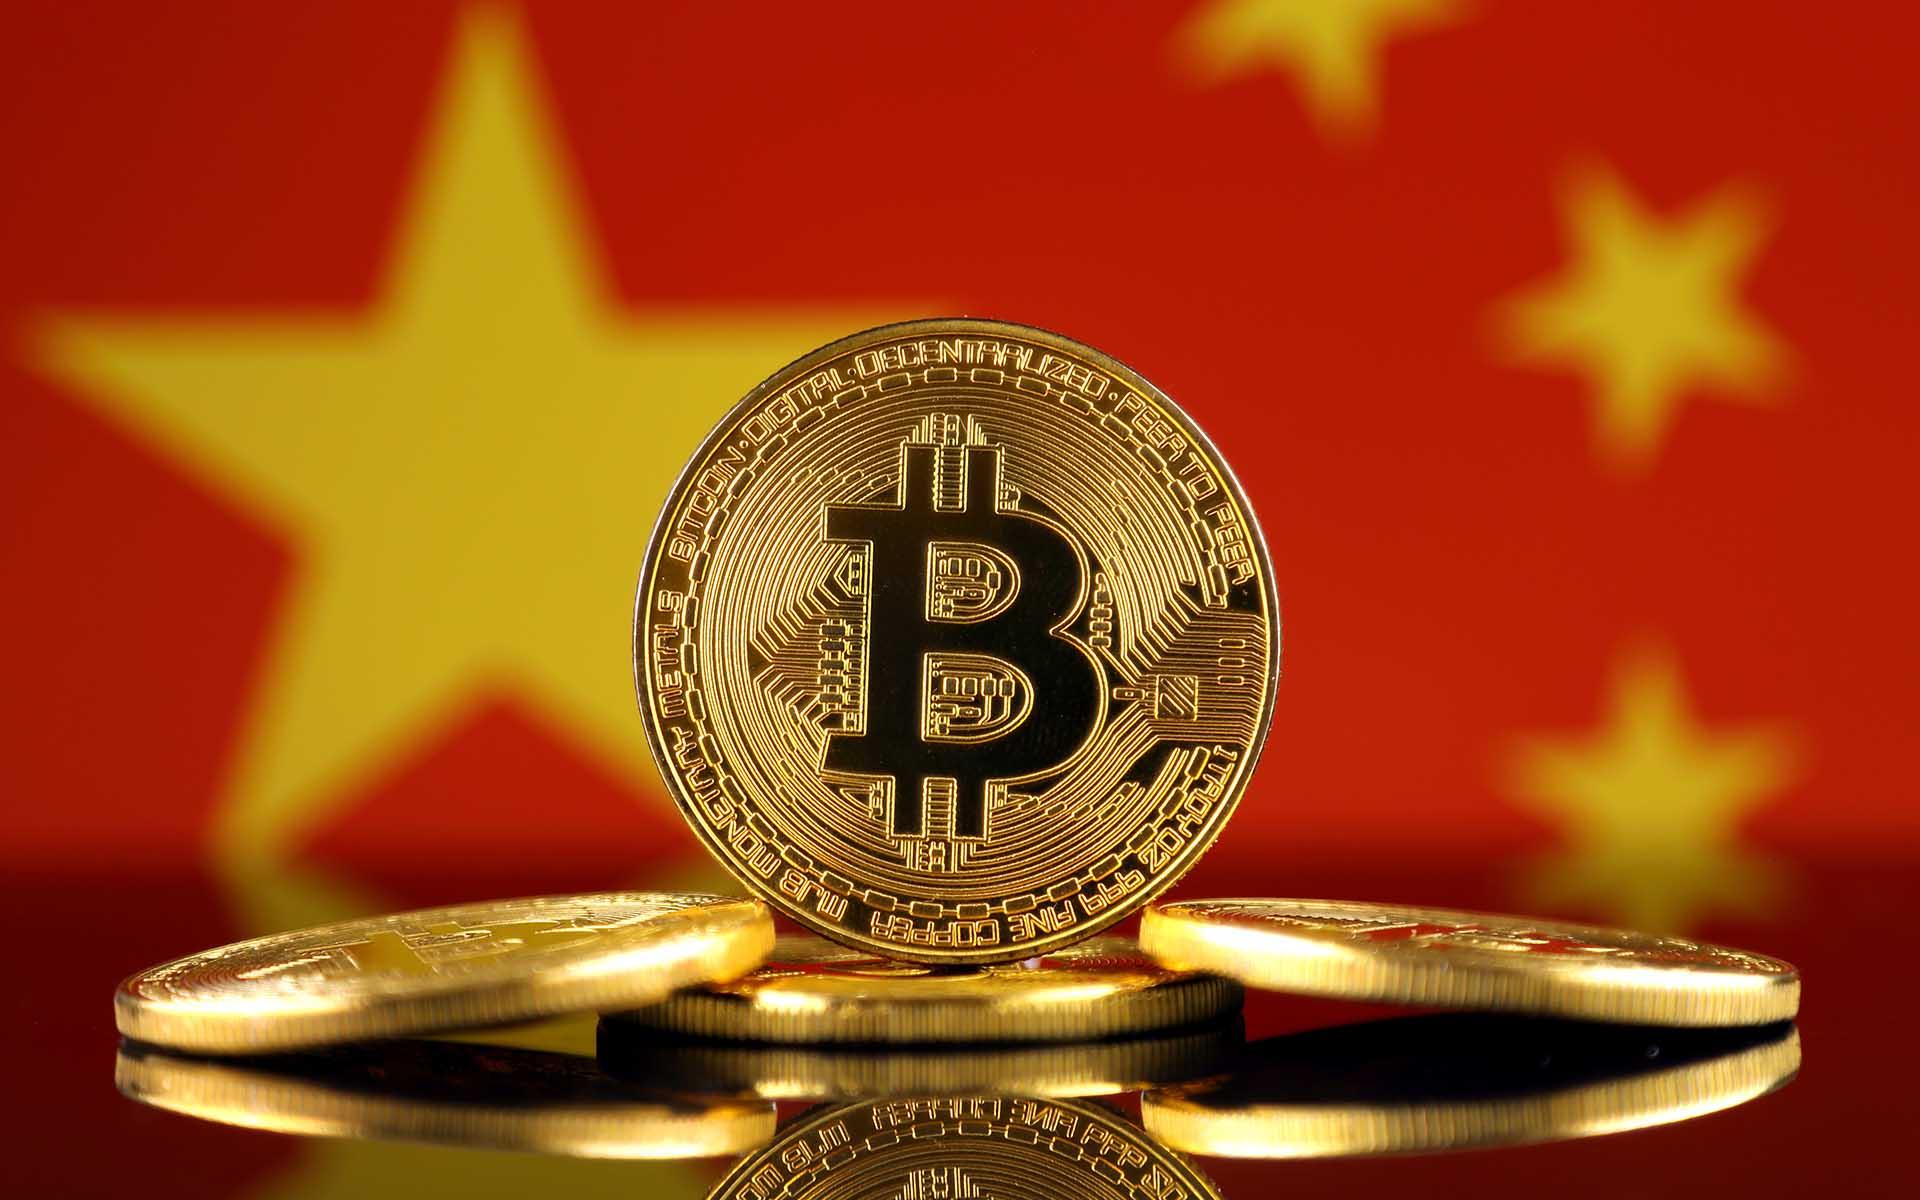 Çin Kripto Yasakları Şekilleniyor: 8 Maddelik Düzenleme Çıktı!